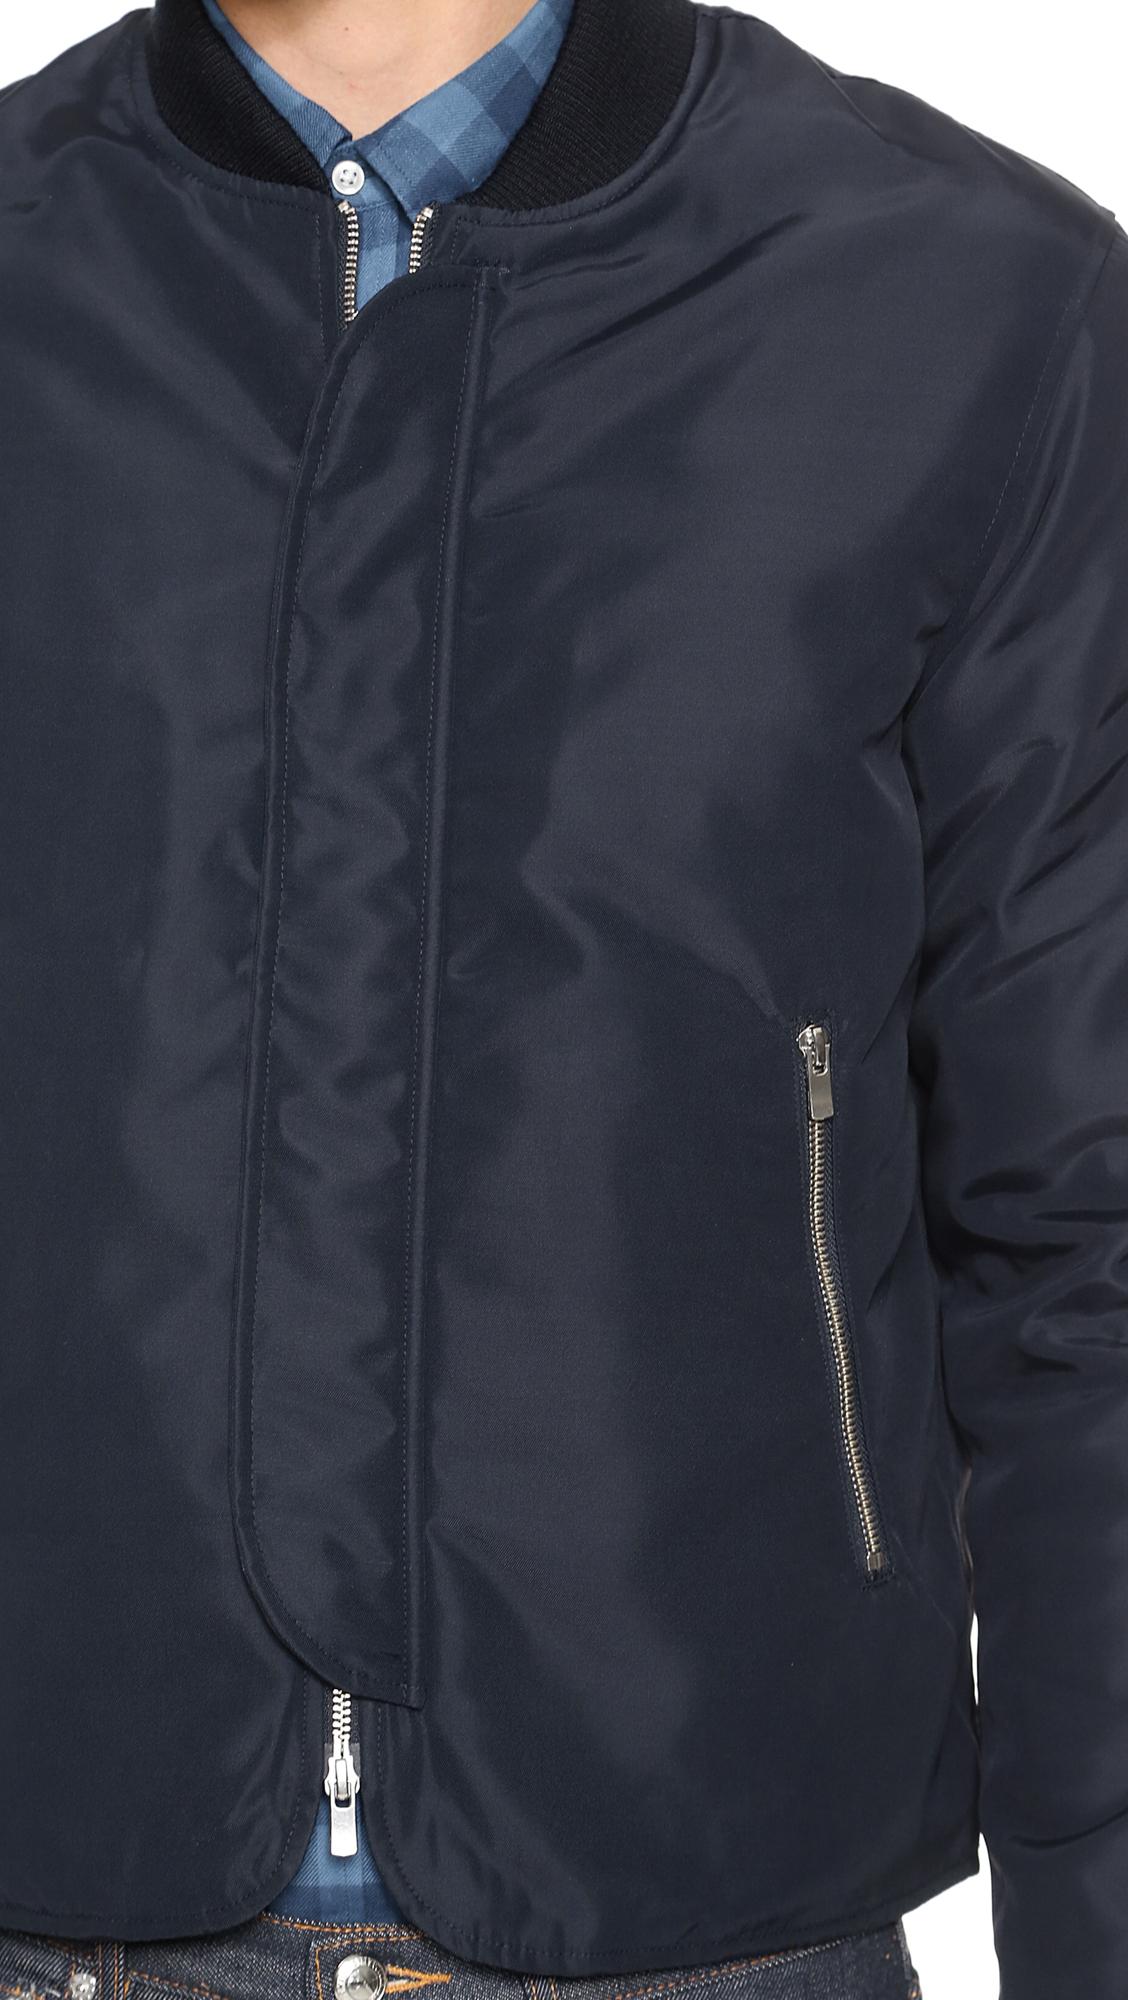 Officine Generale Nylon Bomber Jacket in Navy (Blue) for Men